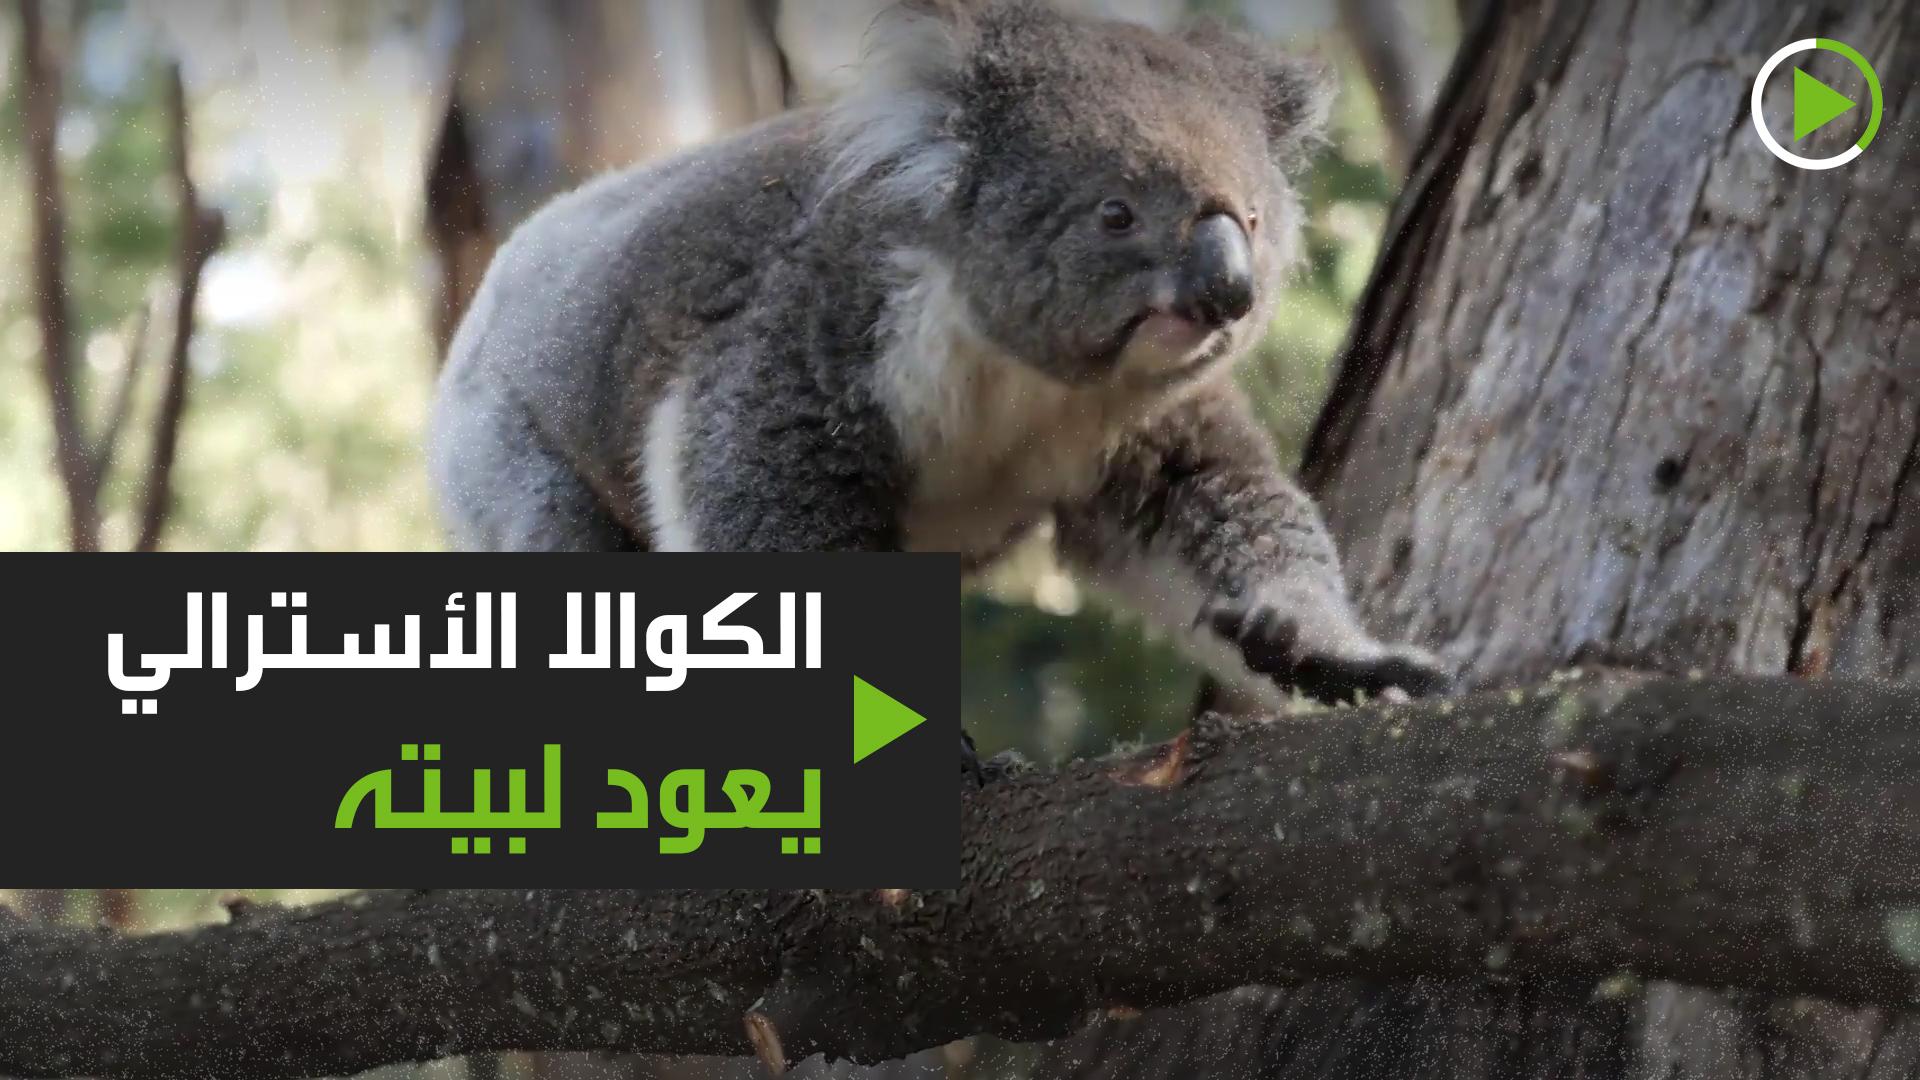 عودة الكوالا بعد احتراق 6.3 مليون هكتار من الغابات!